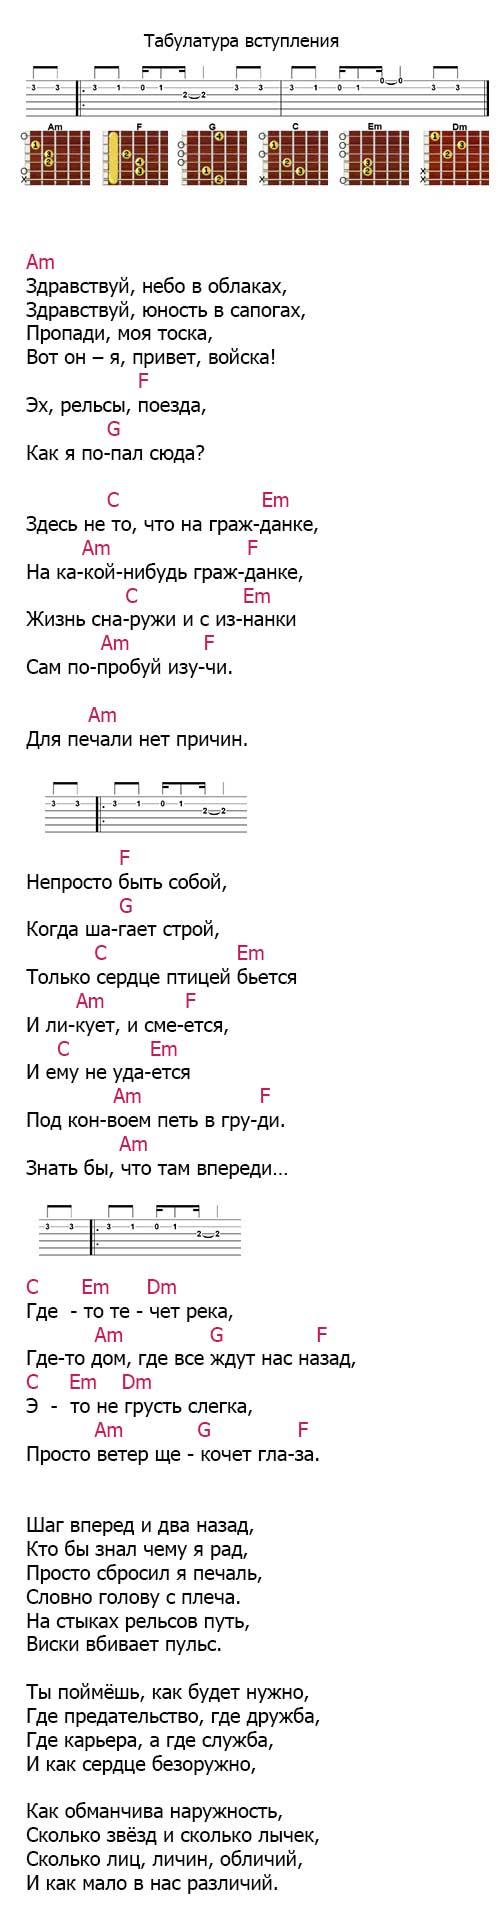 Аккорды песни «Юность в сапогах» из сериала Солдаты